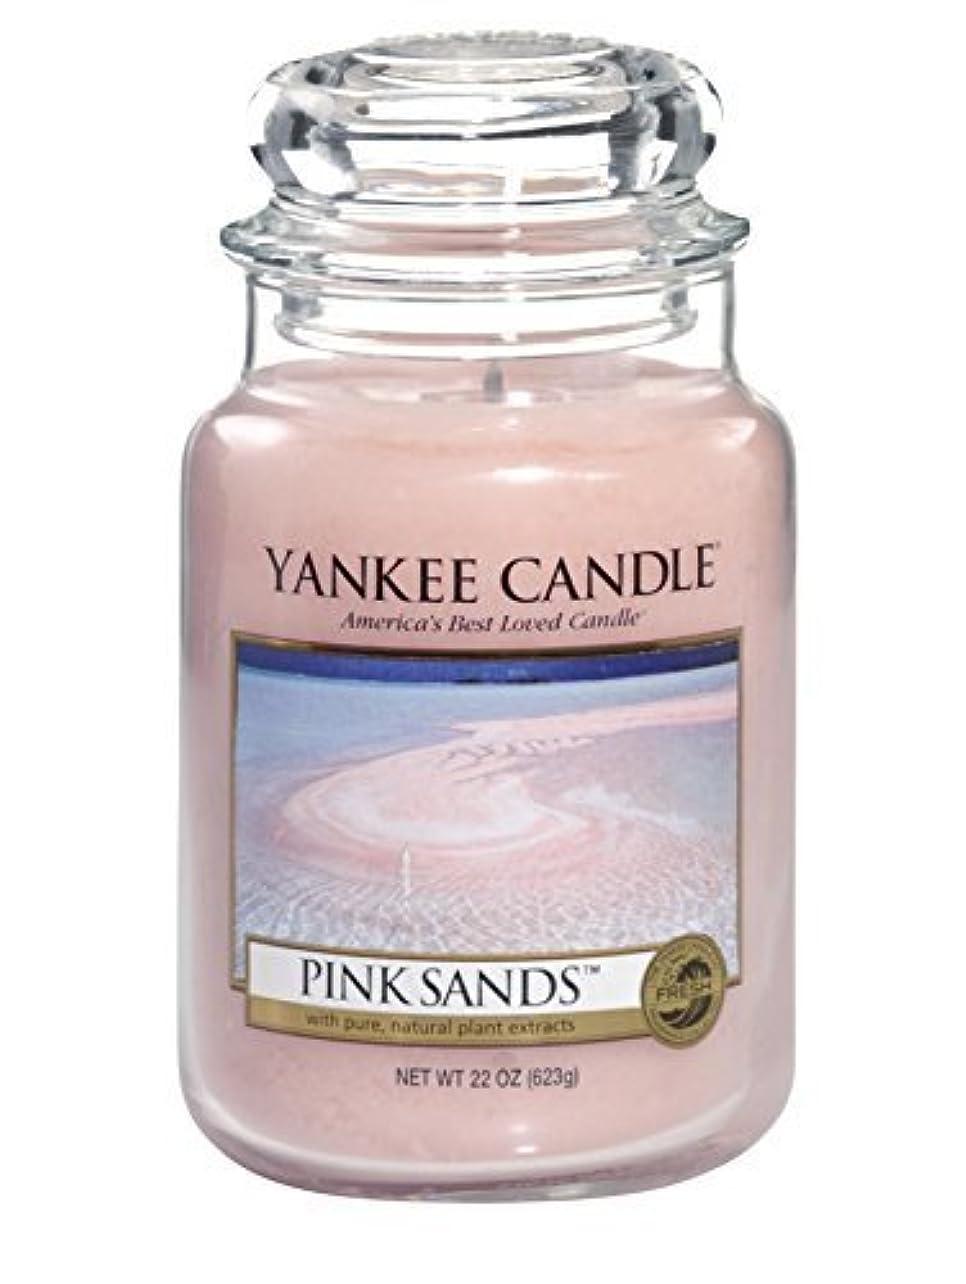 ありそう優雅価値のないYankee Candle Pink Sands Large Jar 22oz Candle by Amazon source [並行輸入品]